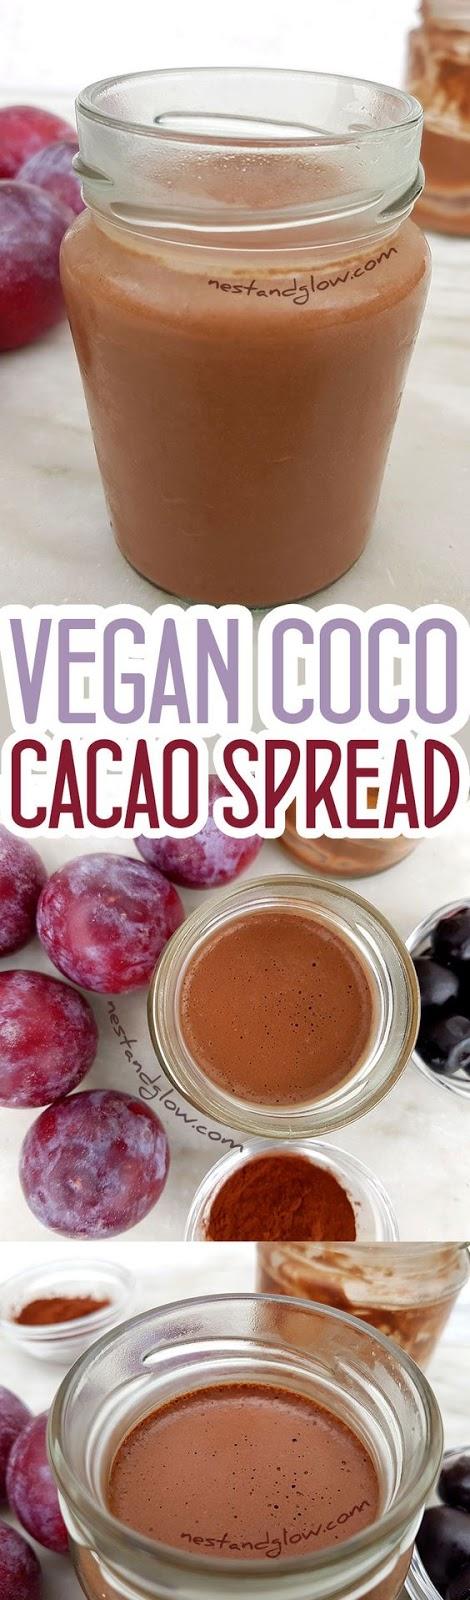 COCO CACAO CHOCOLATE SPREAD RECIPE